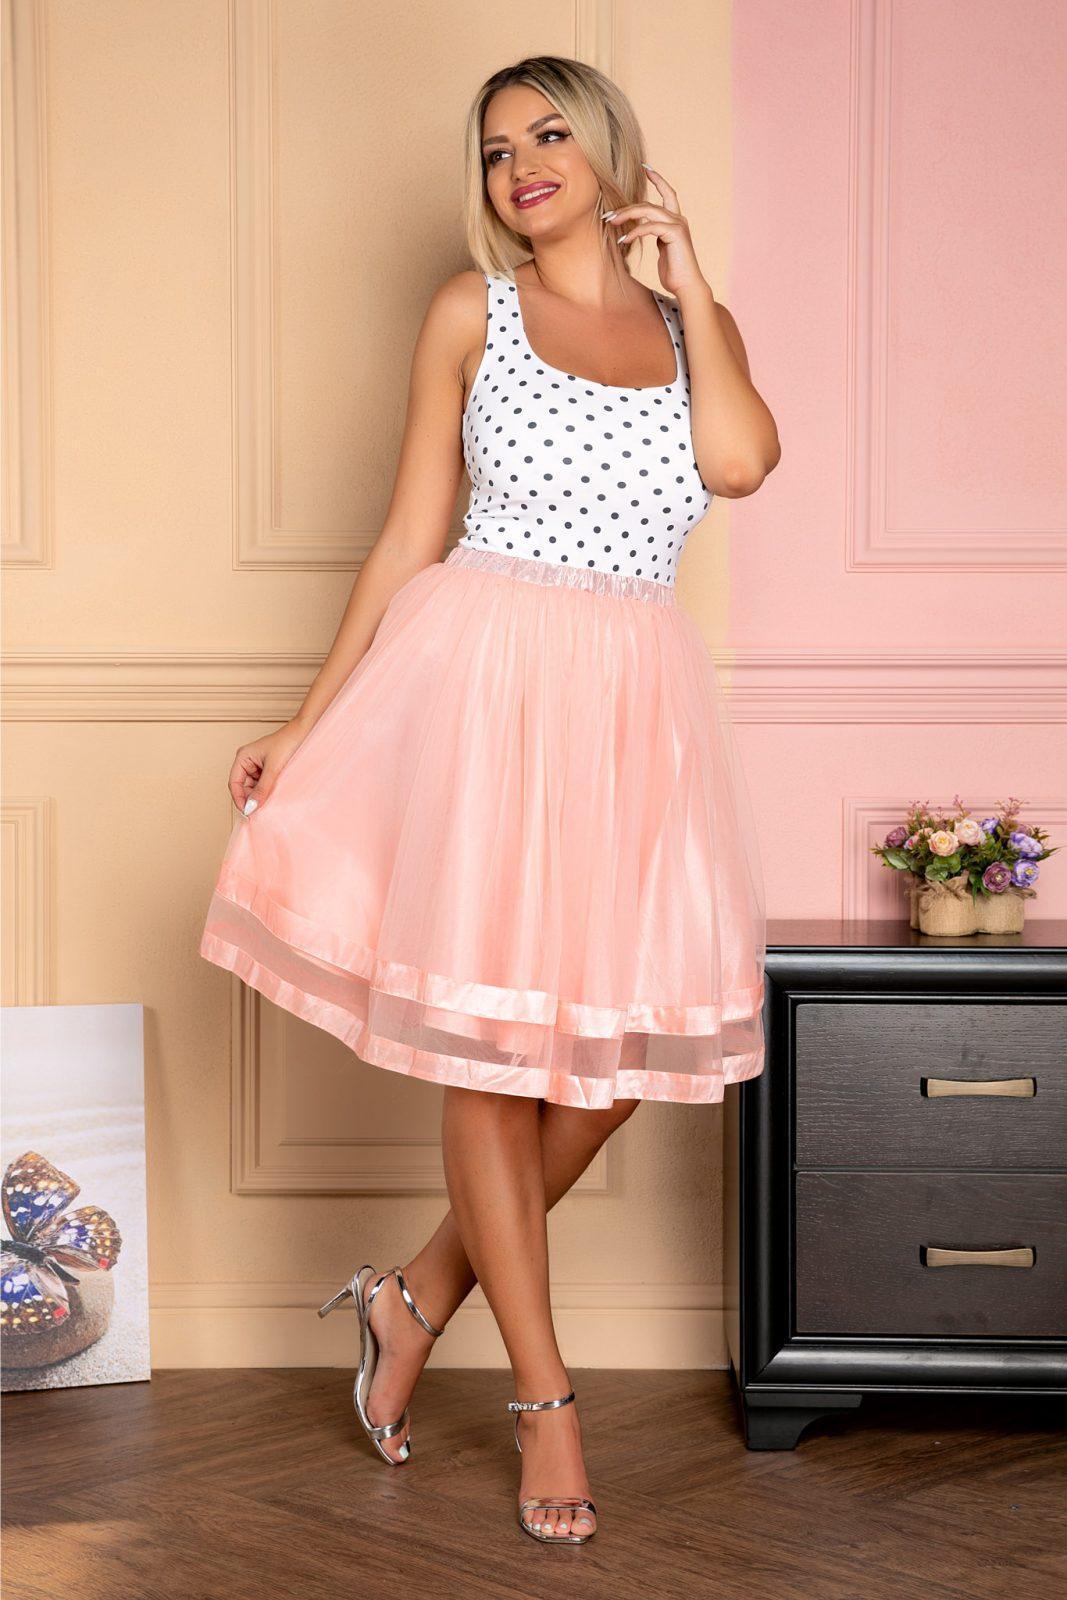 Monika Peach Skirt